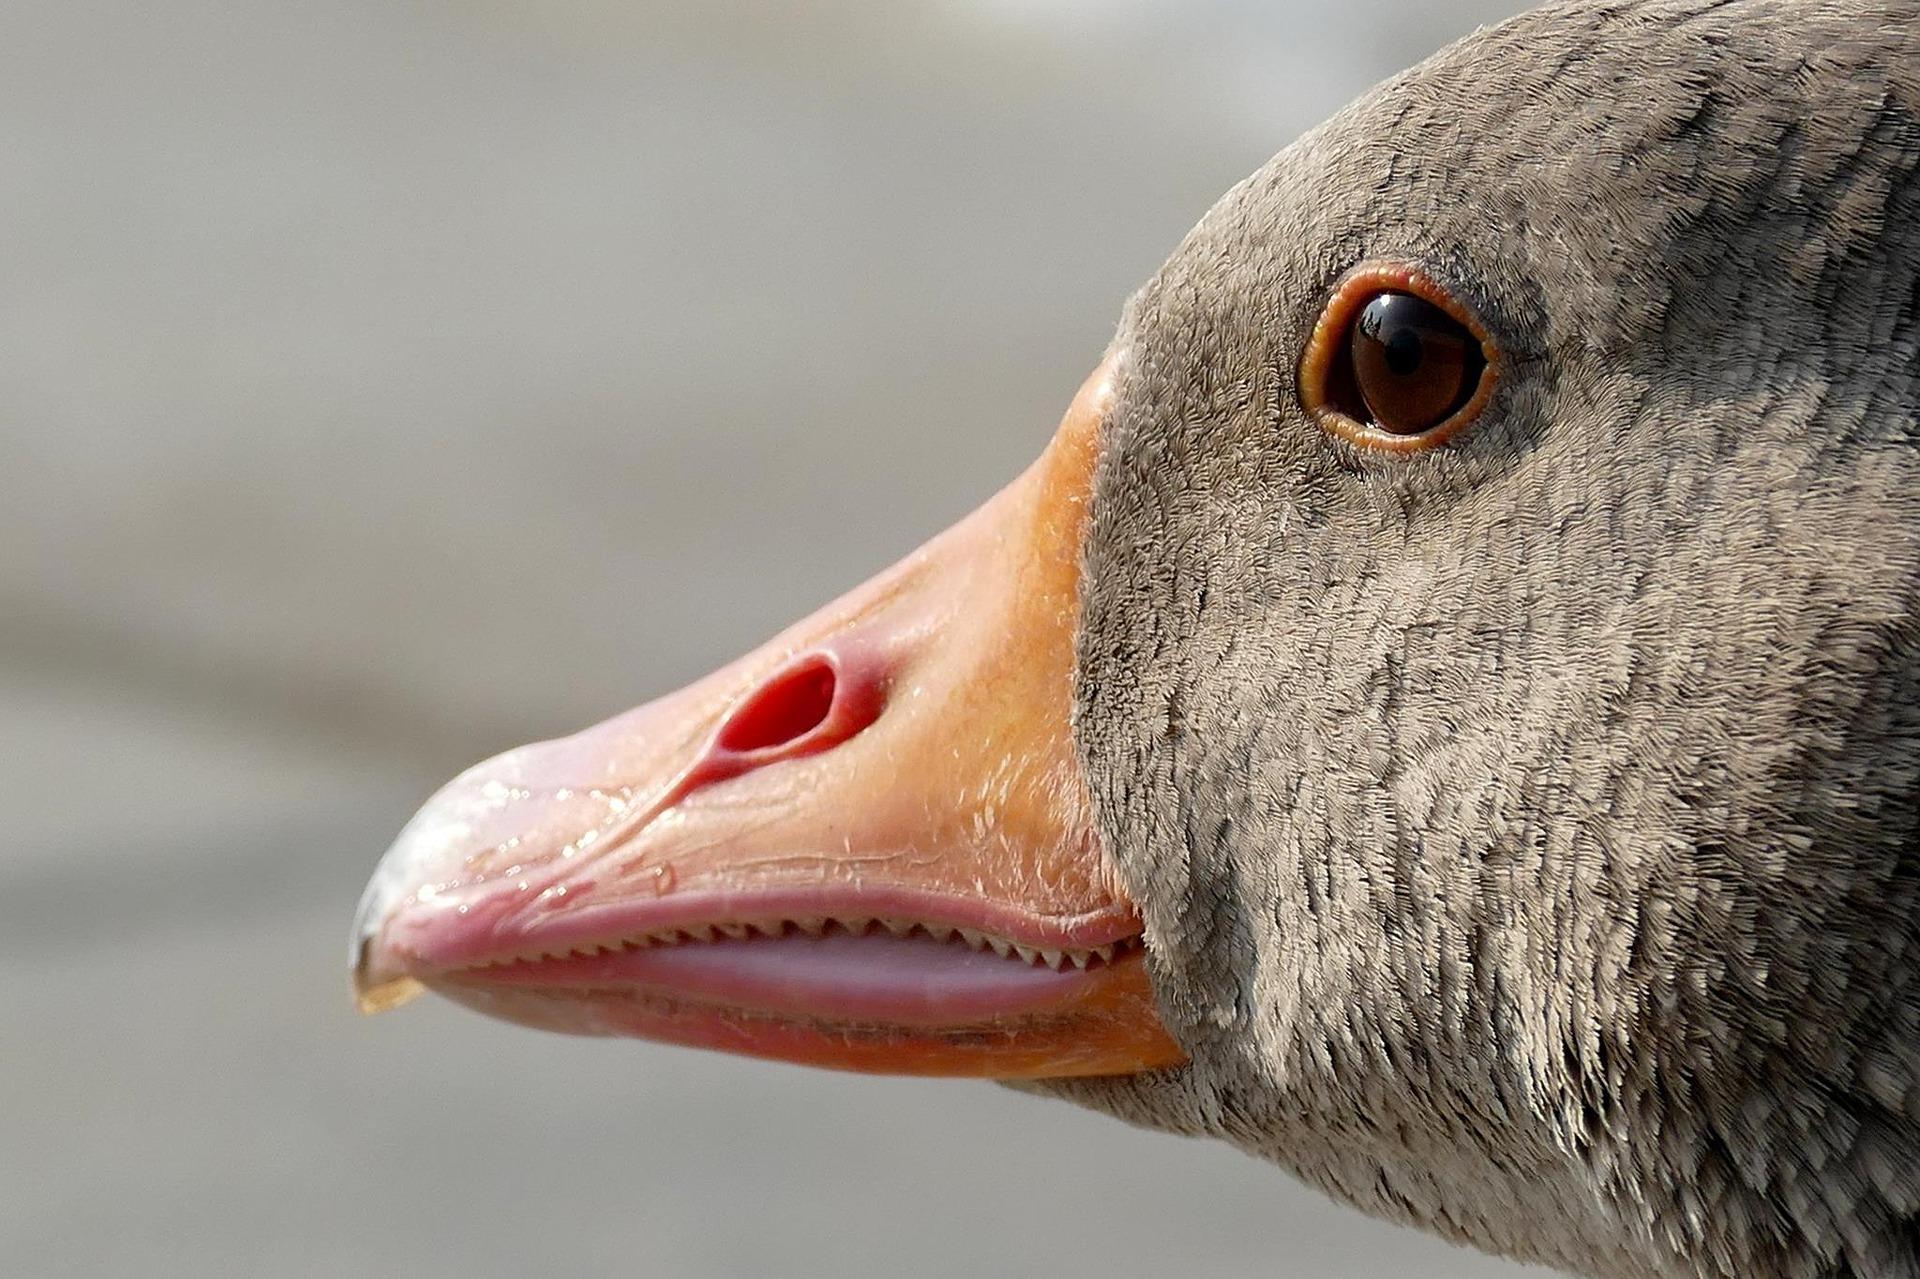 В двух европейских странах выявили вспышку высокопатогенного птичьего гриппа